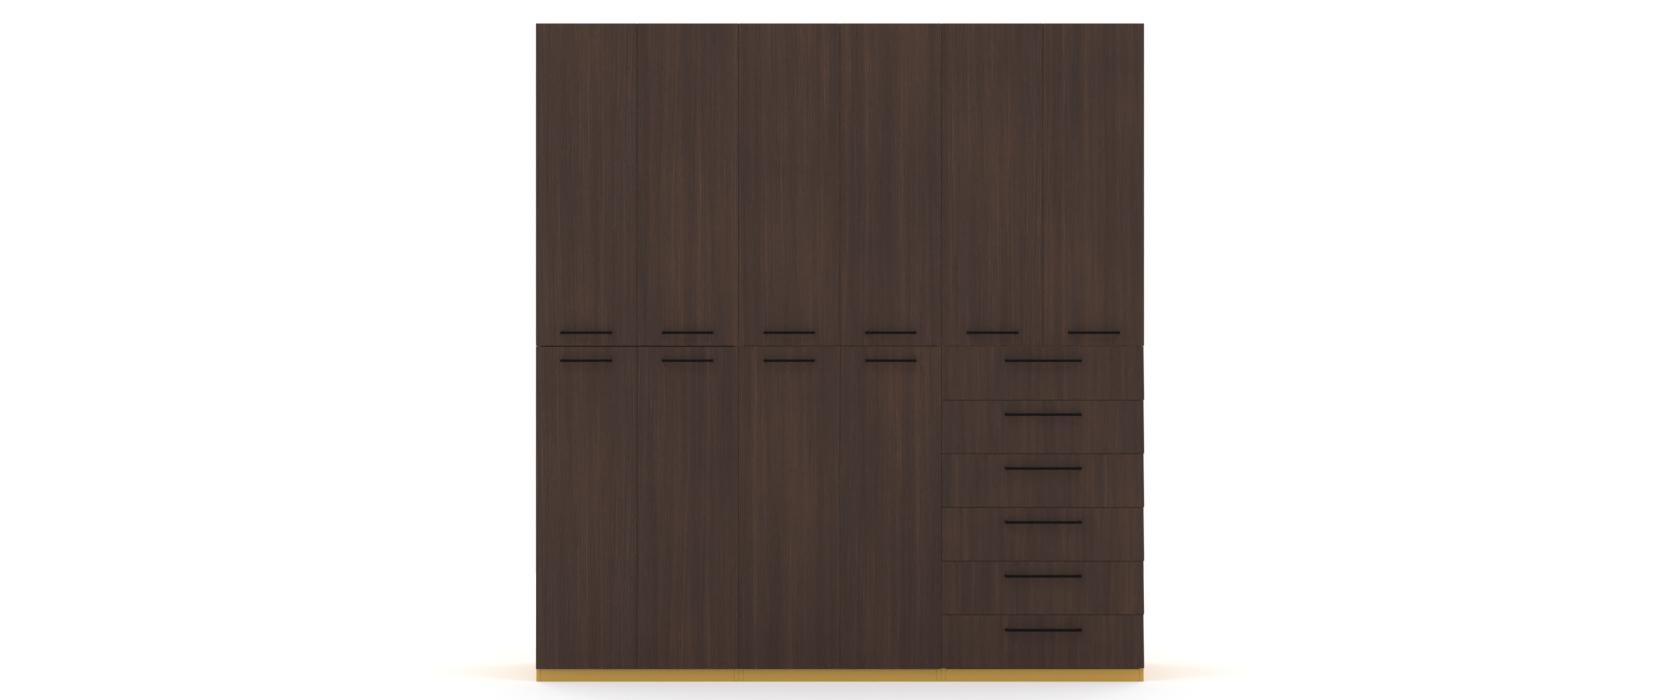 Шкаф Arino 3 модуля с разделенными горизонтально фасадами - Pufetto